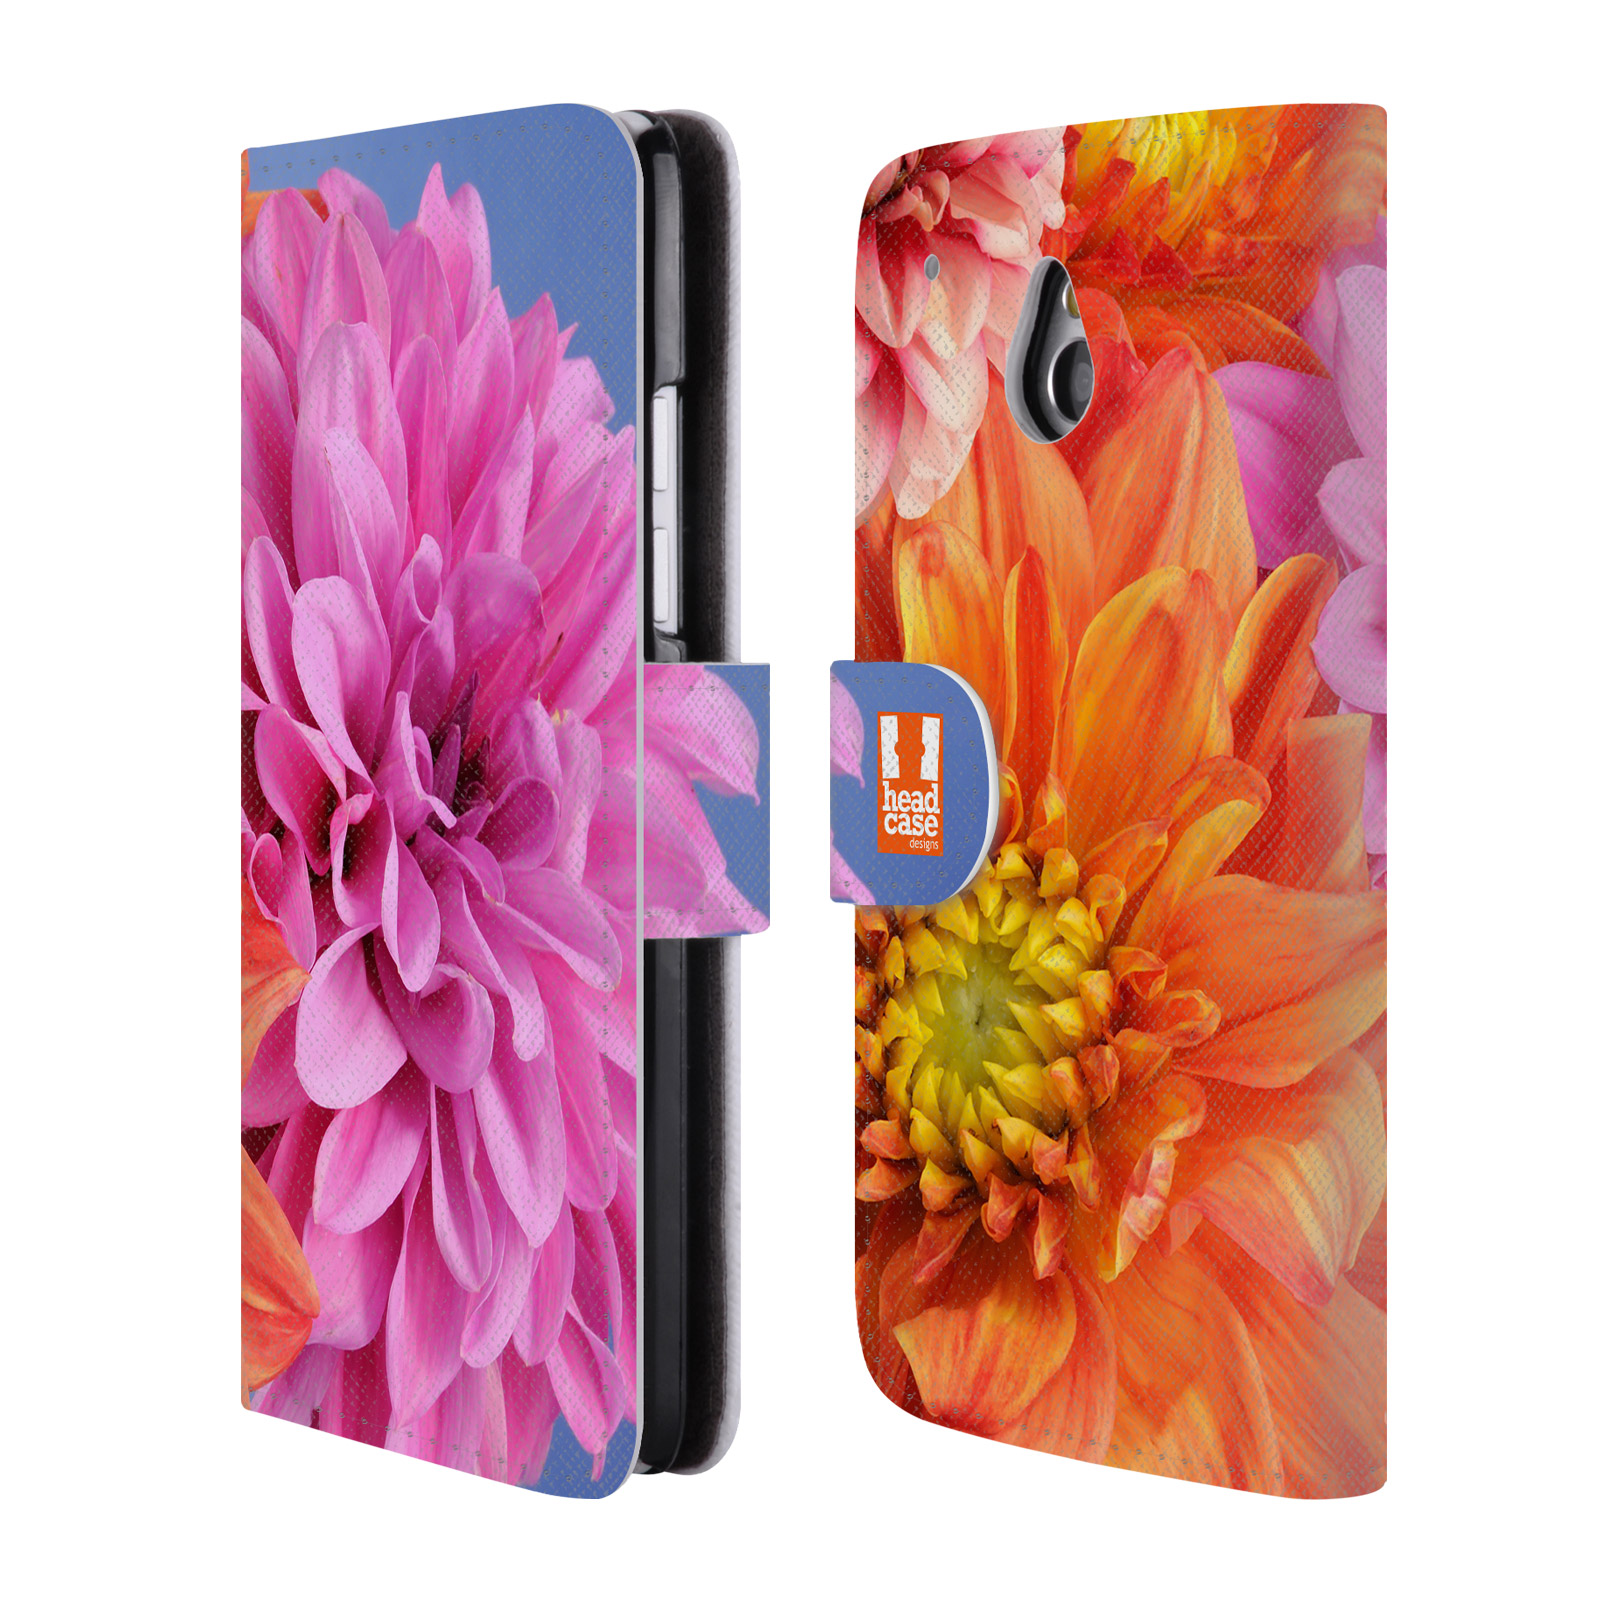 HEAD CASE Flipové pouzdro pro mobil HTC ONE MINI (M4) květy foto Jiřinka růžová a oranžová